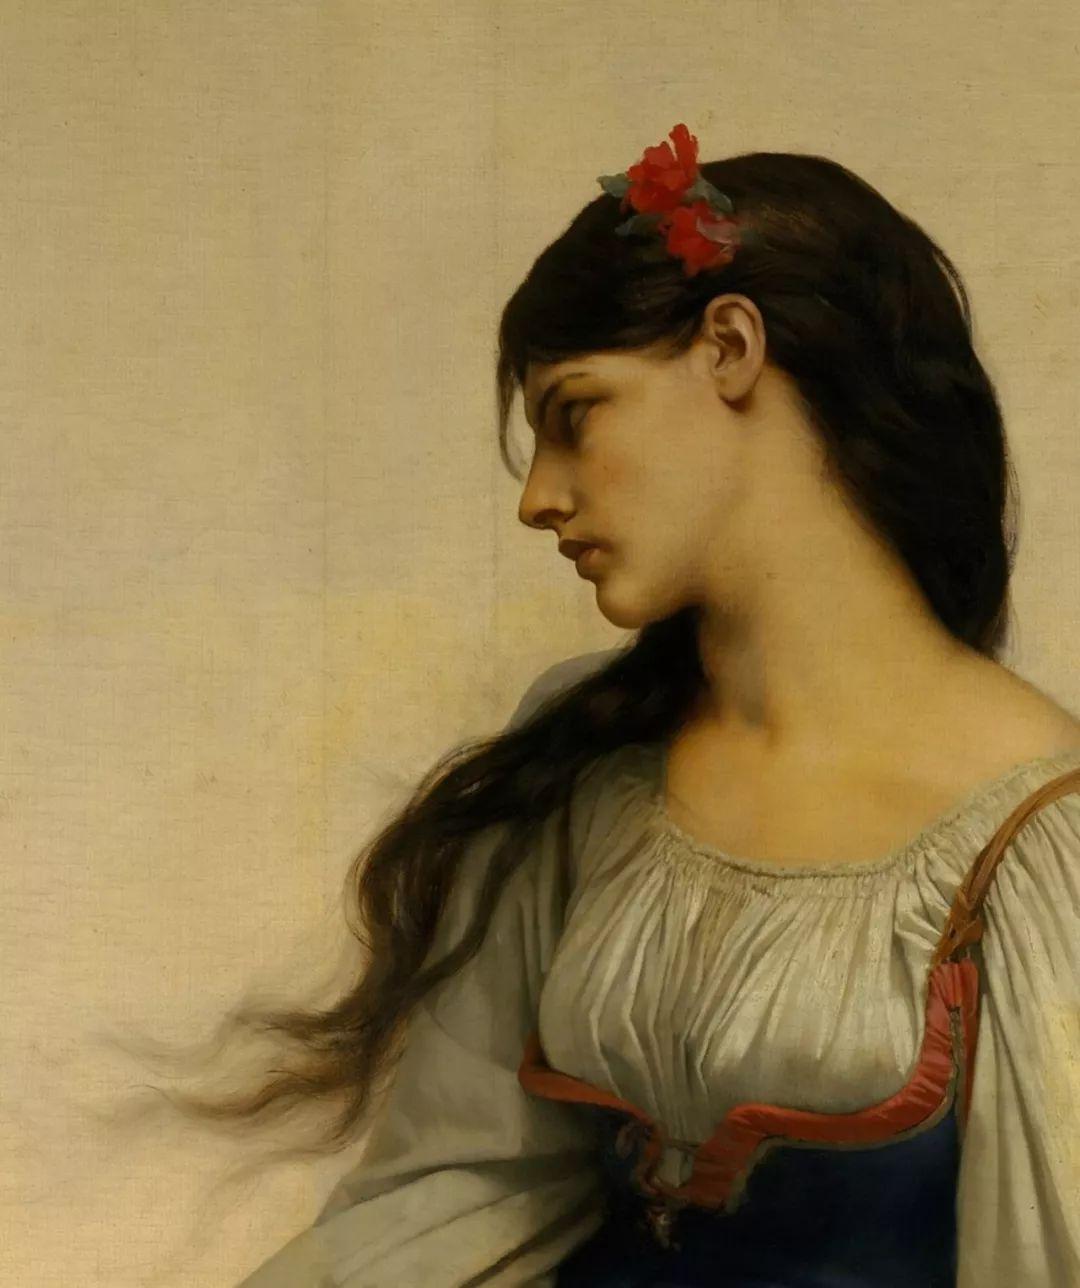 对不起,你的人像作品美到我了!法国学院派画家Jules Joseph Lefebvre插图9